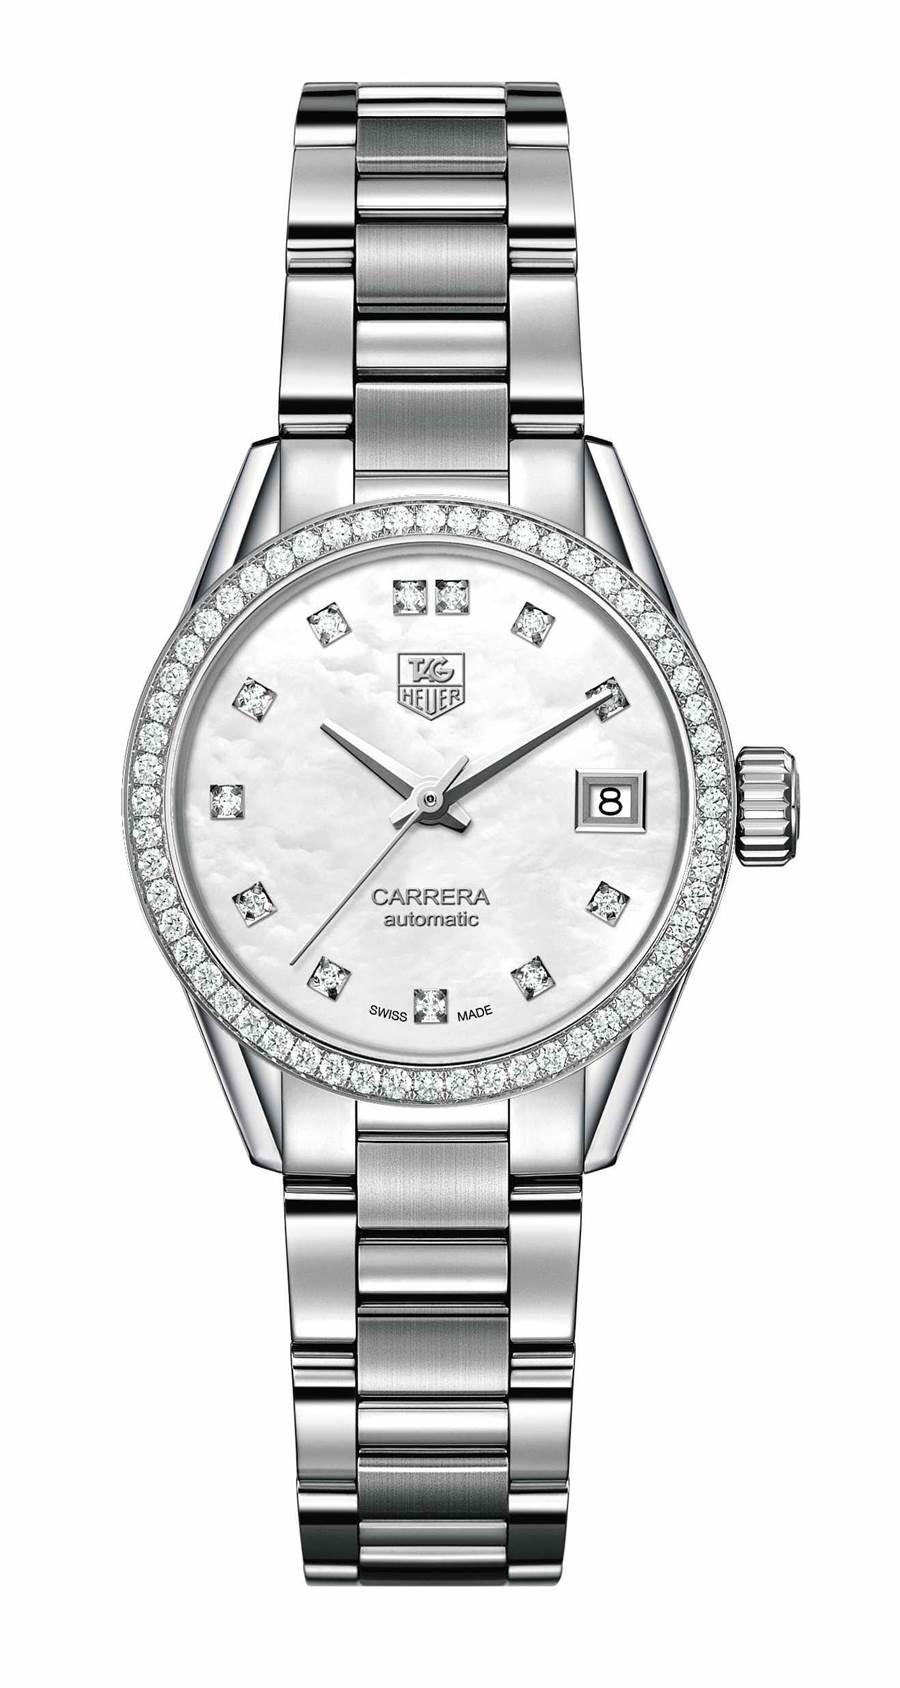 泰勒豪雅Carrera Lady鑽表,15萬6500元。(TAG Heuer 提供)